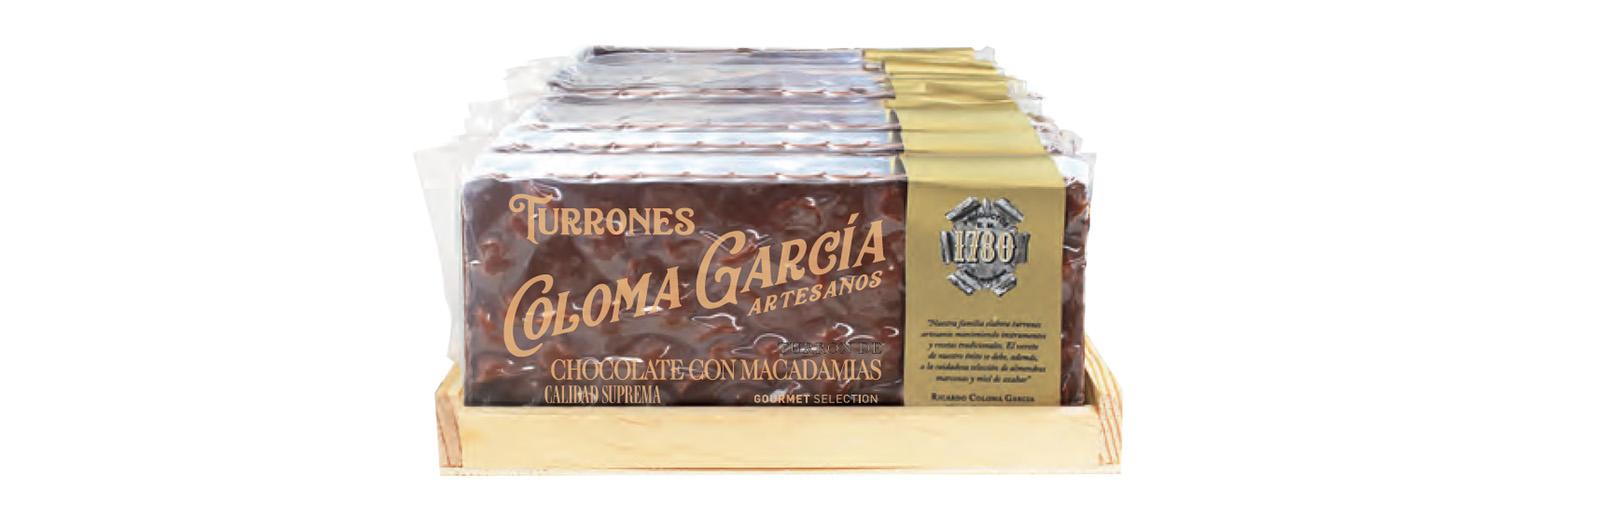 turron-de-chocolate-con-macadamia-rilsan-200